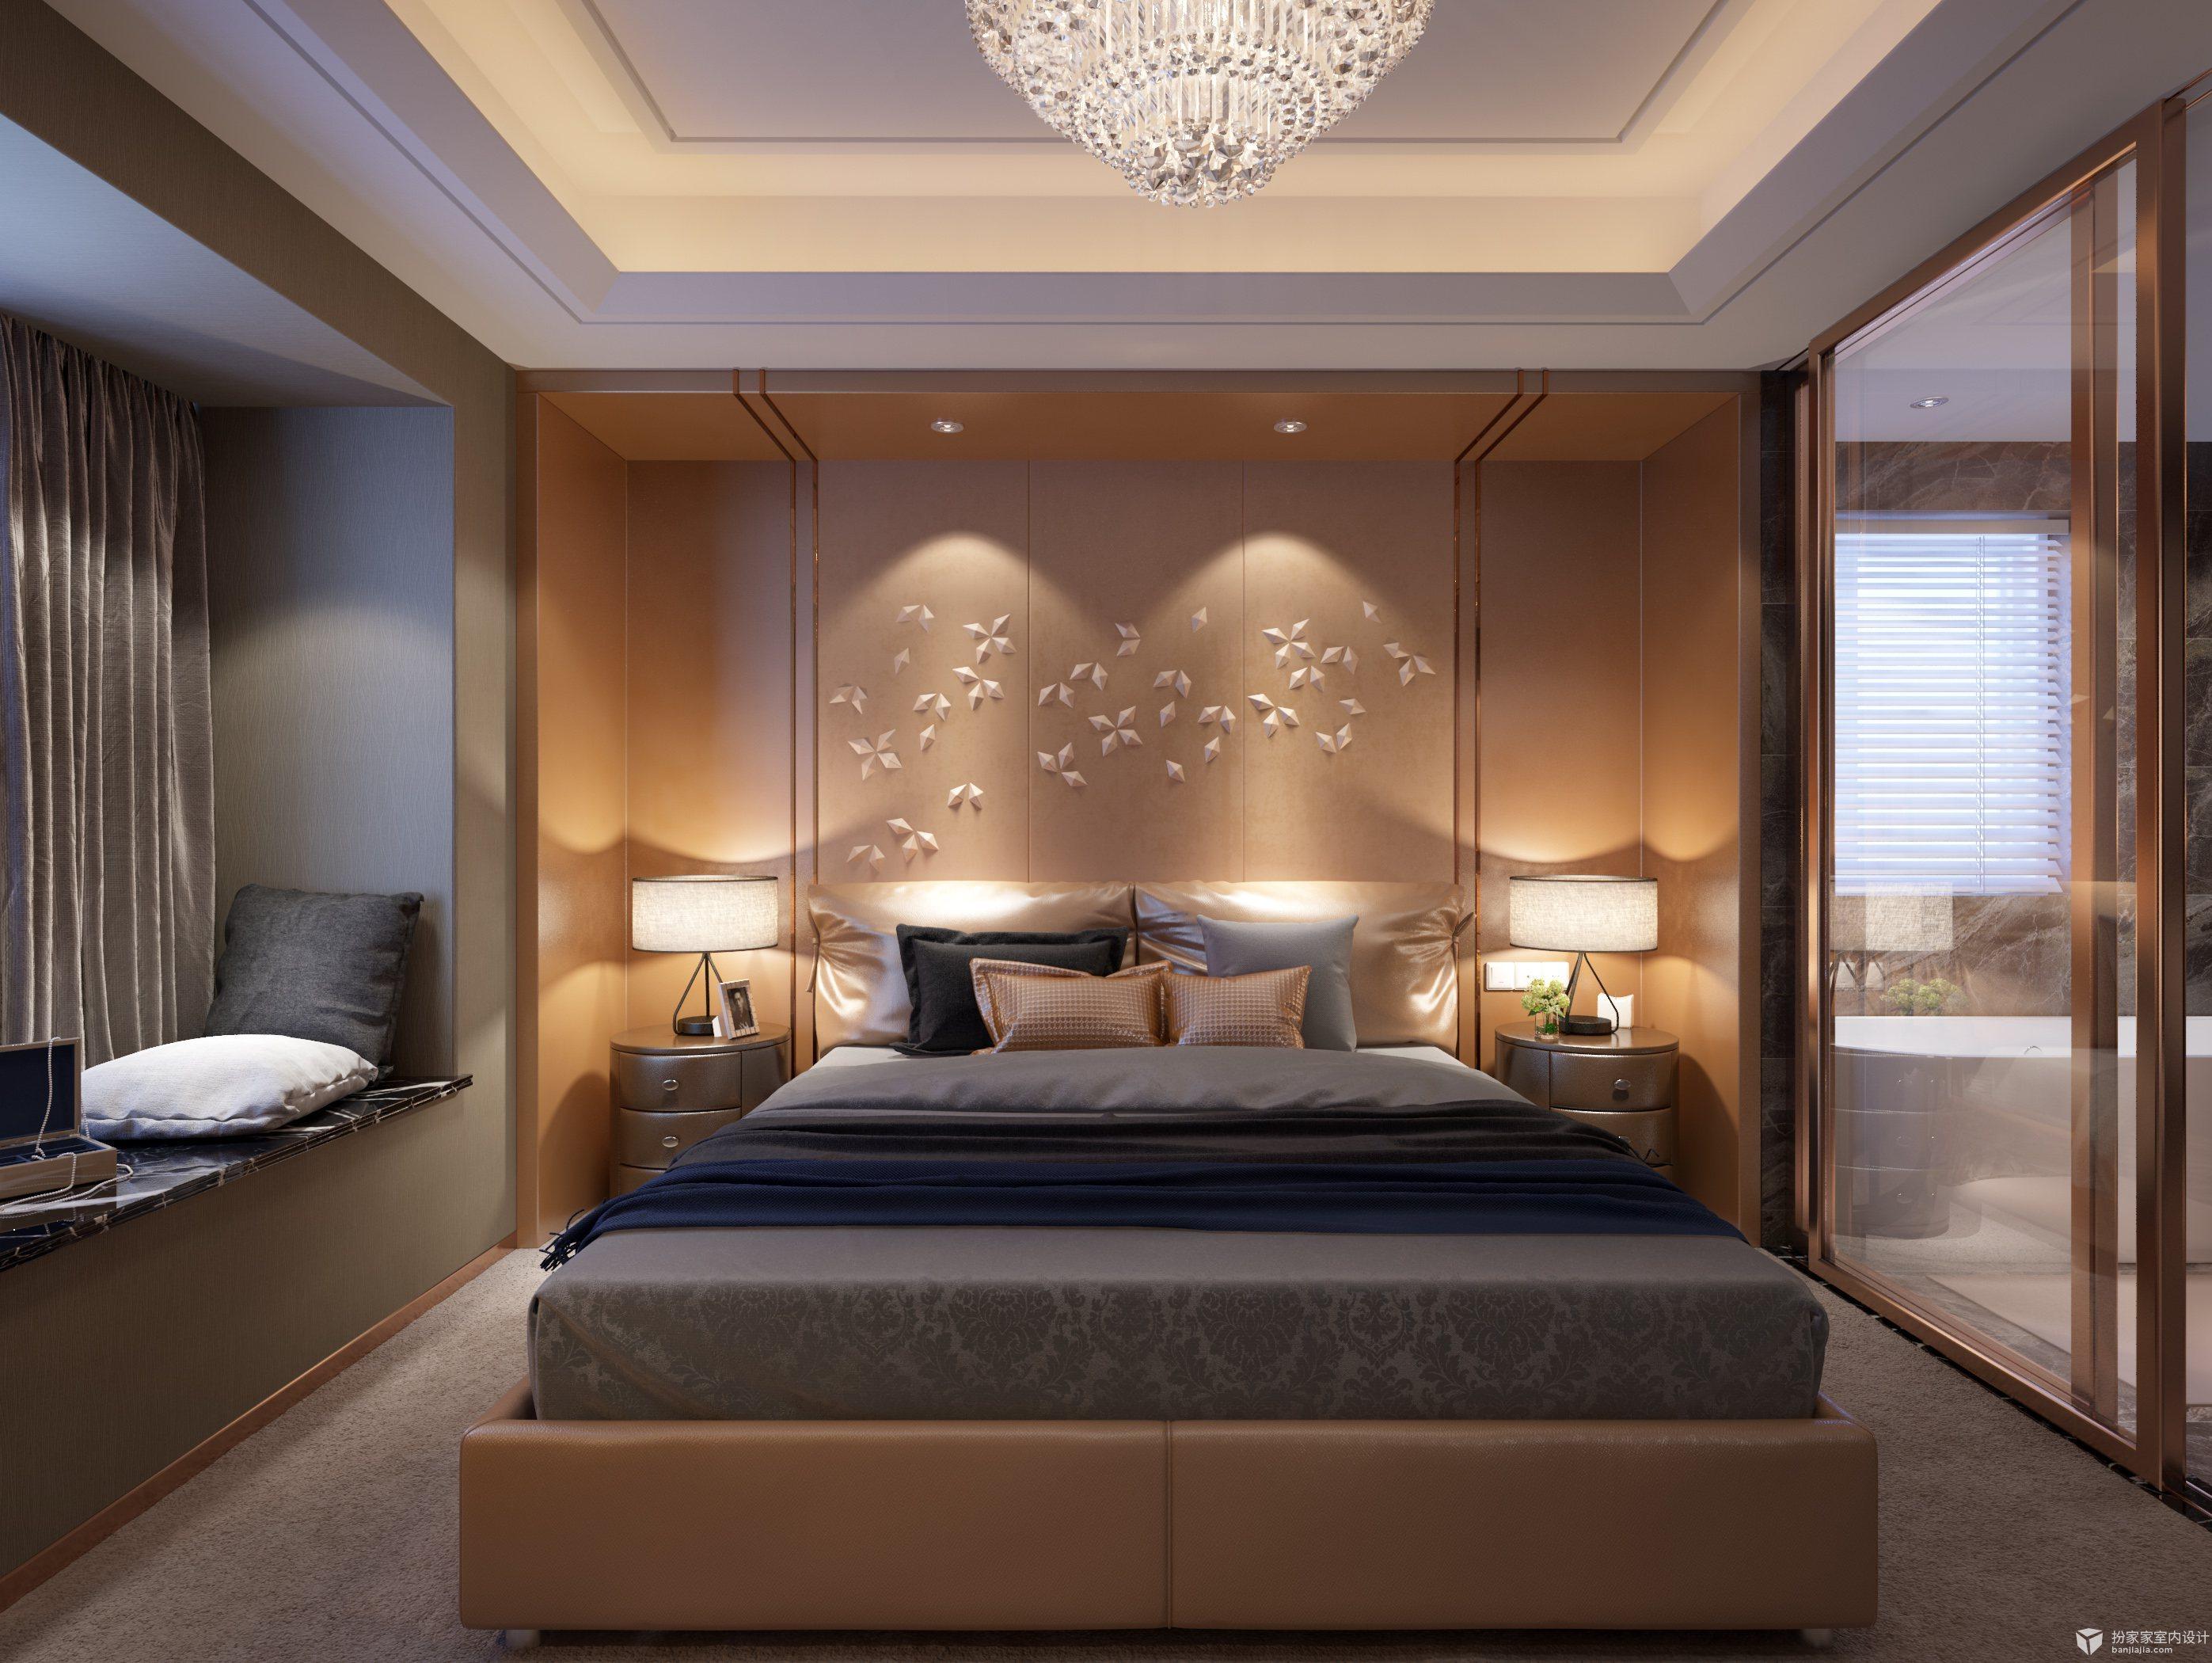 【室内设计效果图】爱它就给它做个场景2(现代卧室)图片